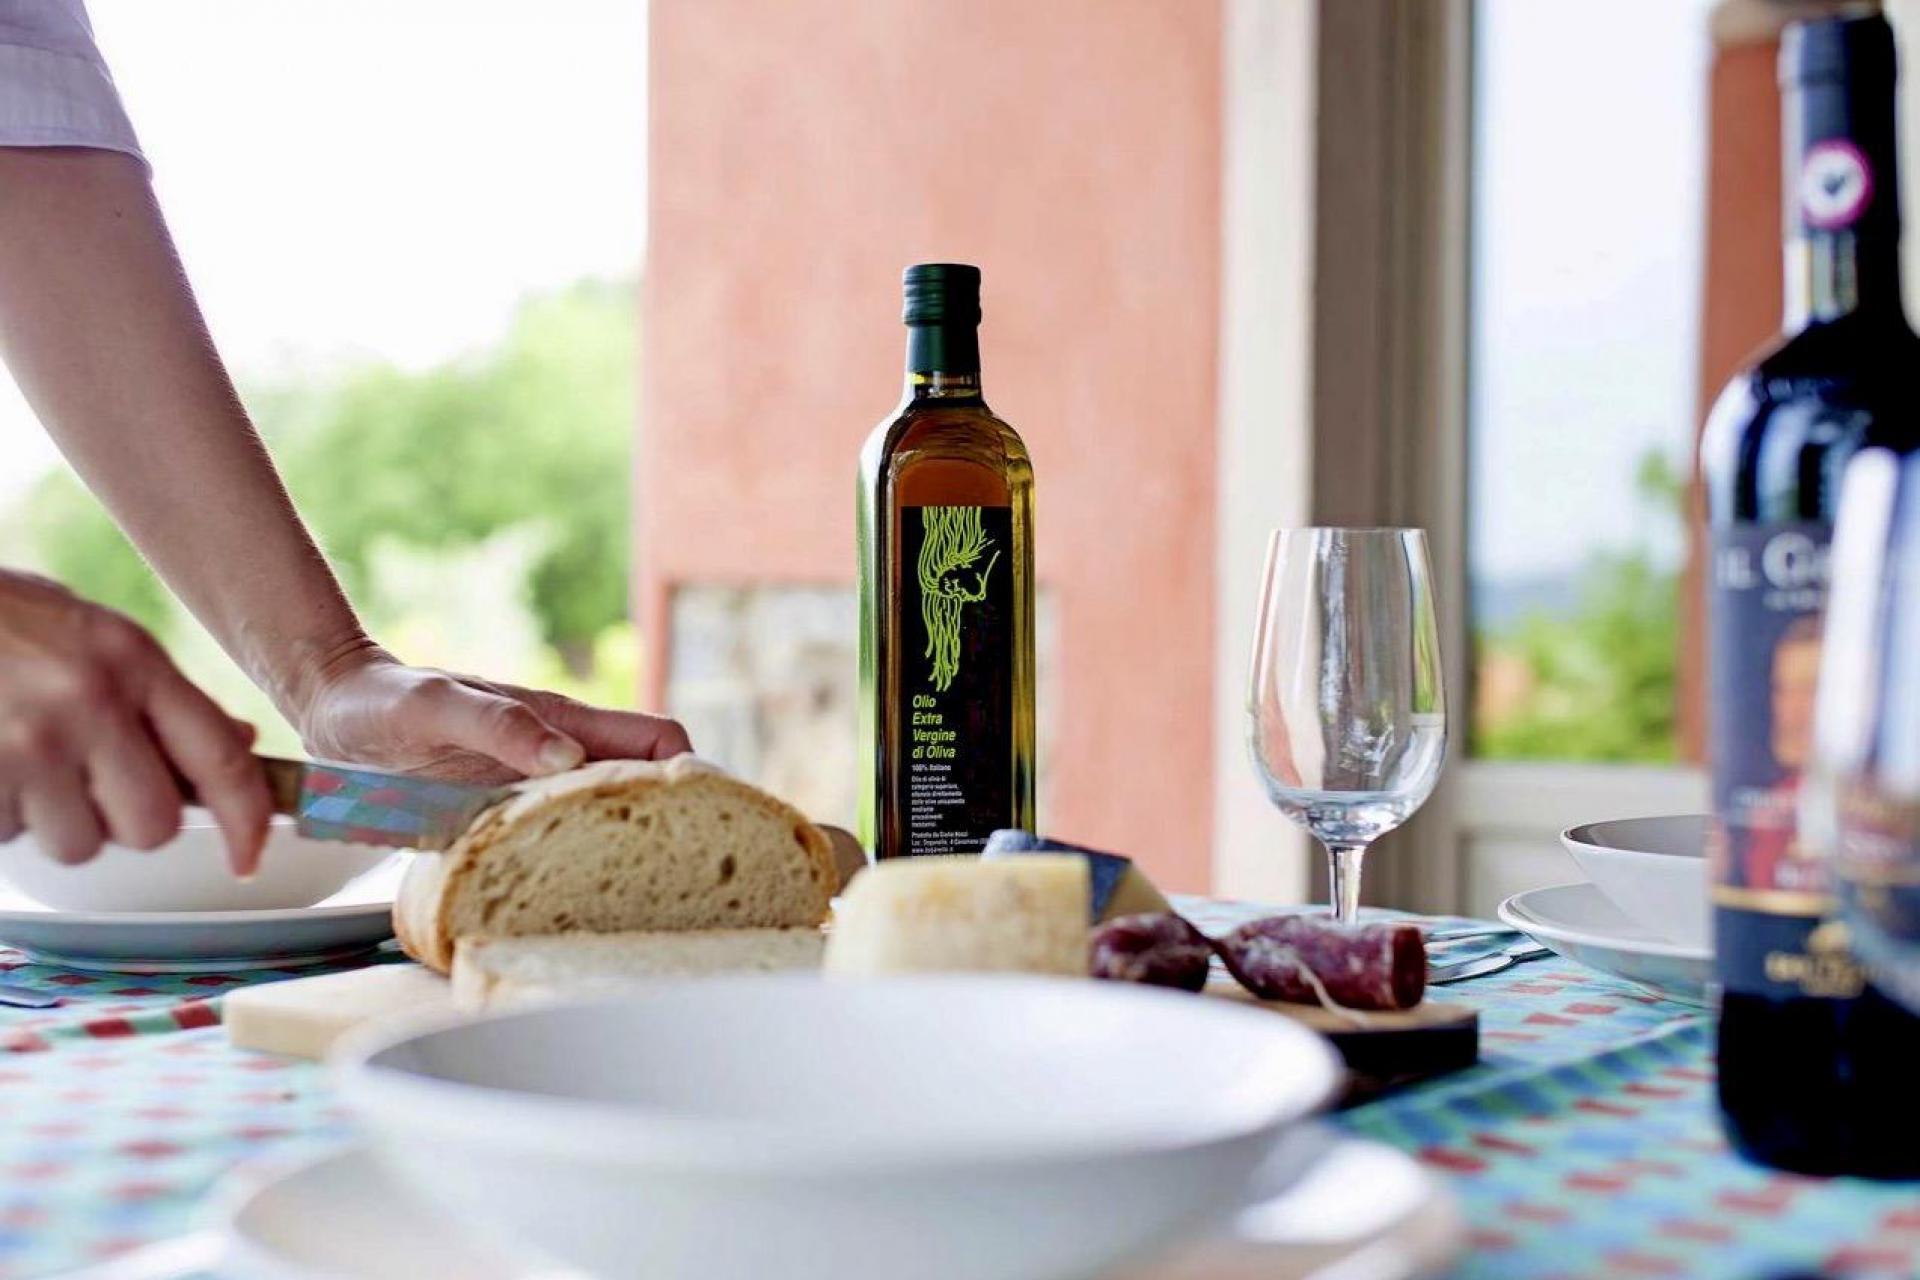 Agriturismo Toscane 9 appartementen bij olijfolieboerderij in Toscane   myitaly.nl